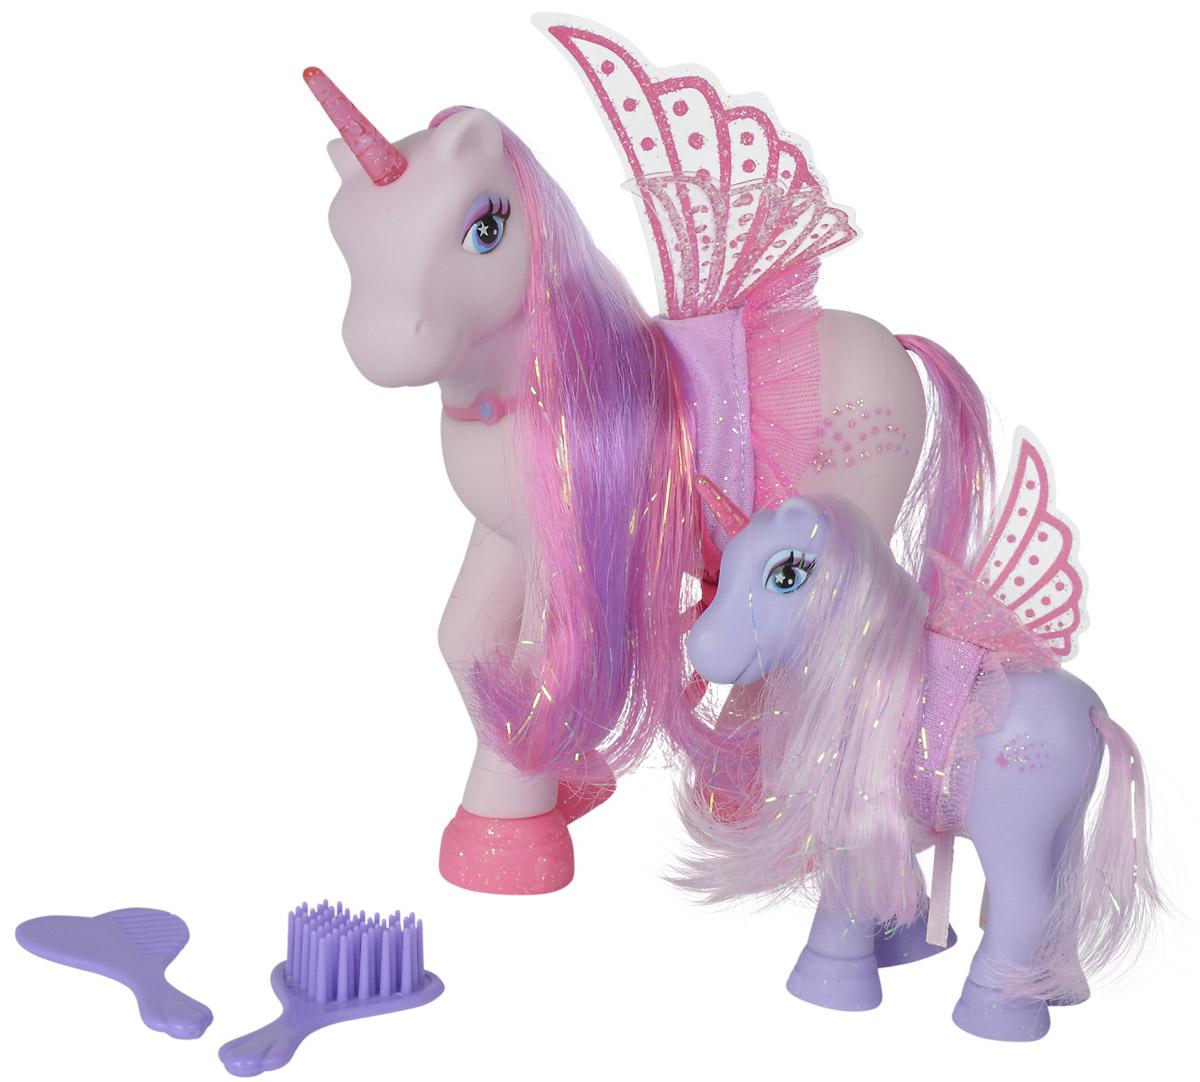 Simba Набор фигурок Сказочные пони-феи цвет светло-фиолетовый светло-розовый 2 шт автотрек dickie simba 3083077 спайдер мэн